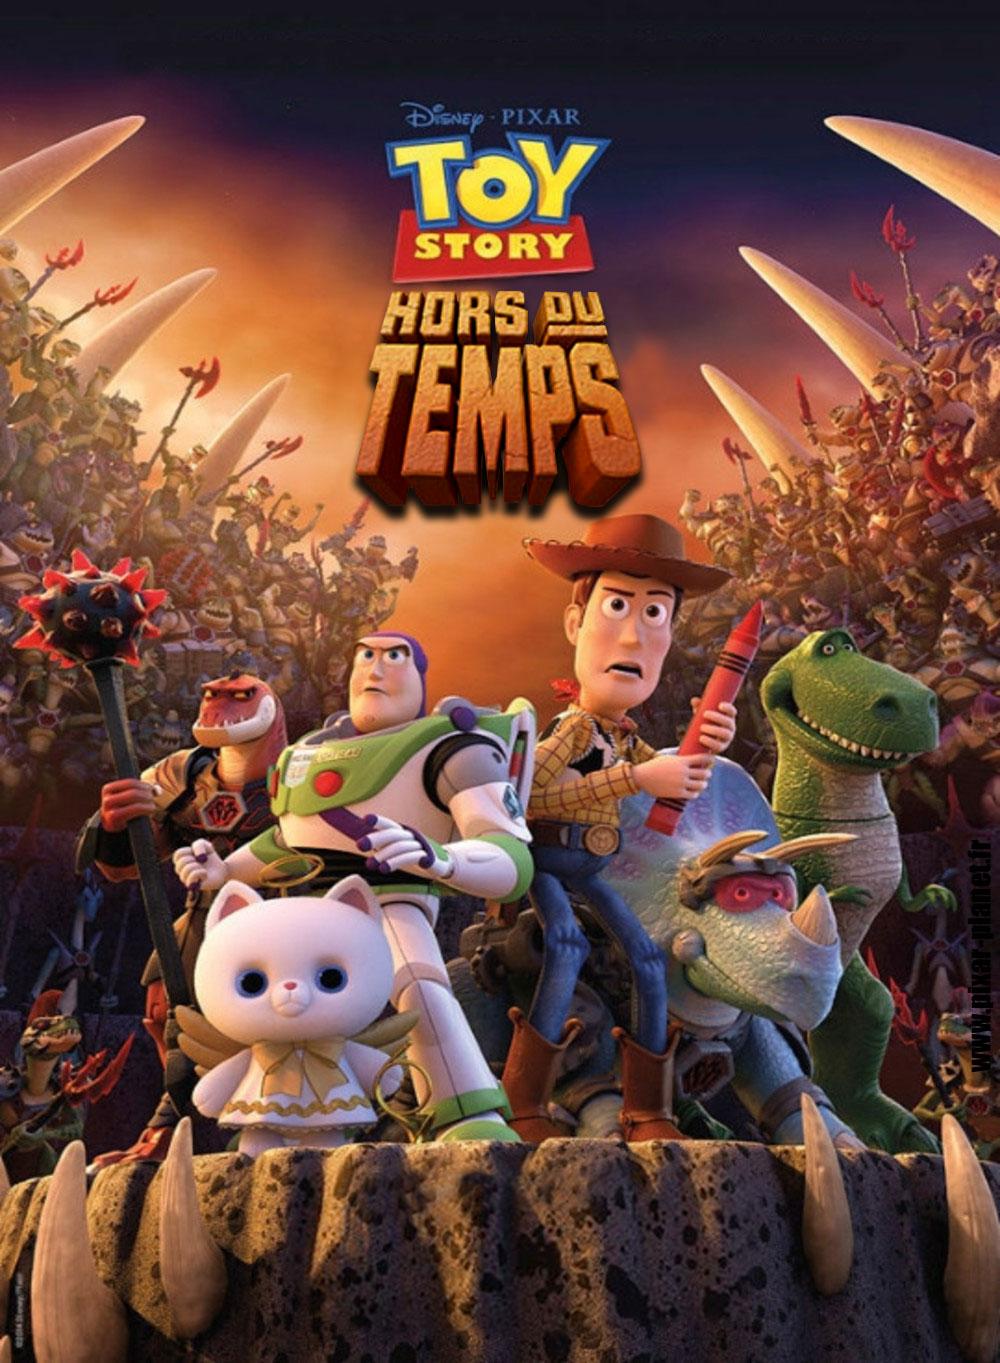 affiche du film Toy Story : Hors du temps (TV)